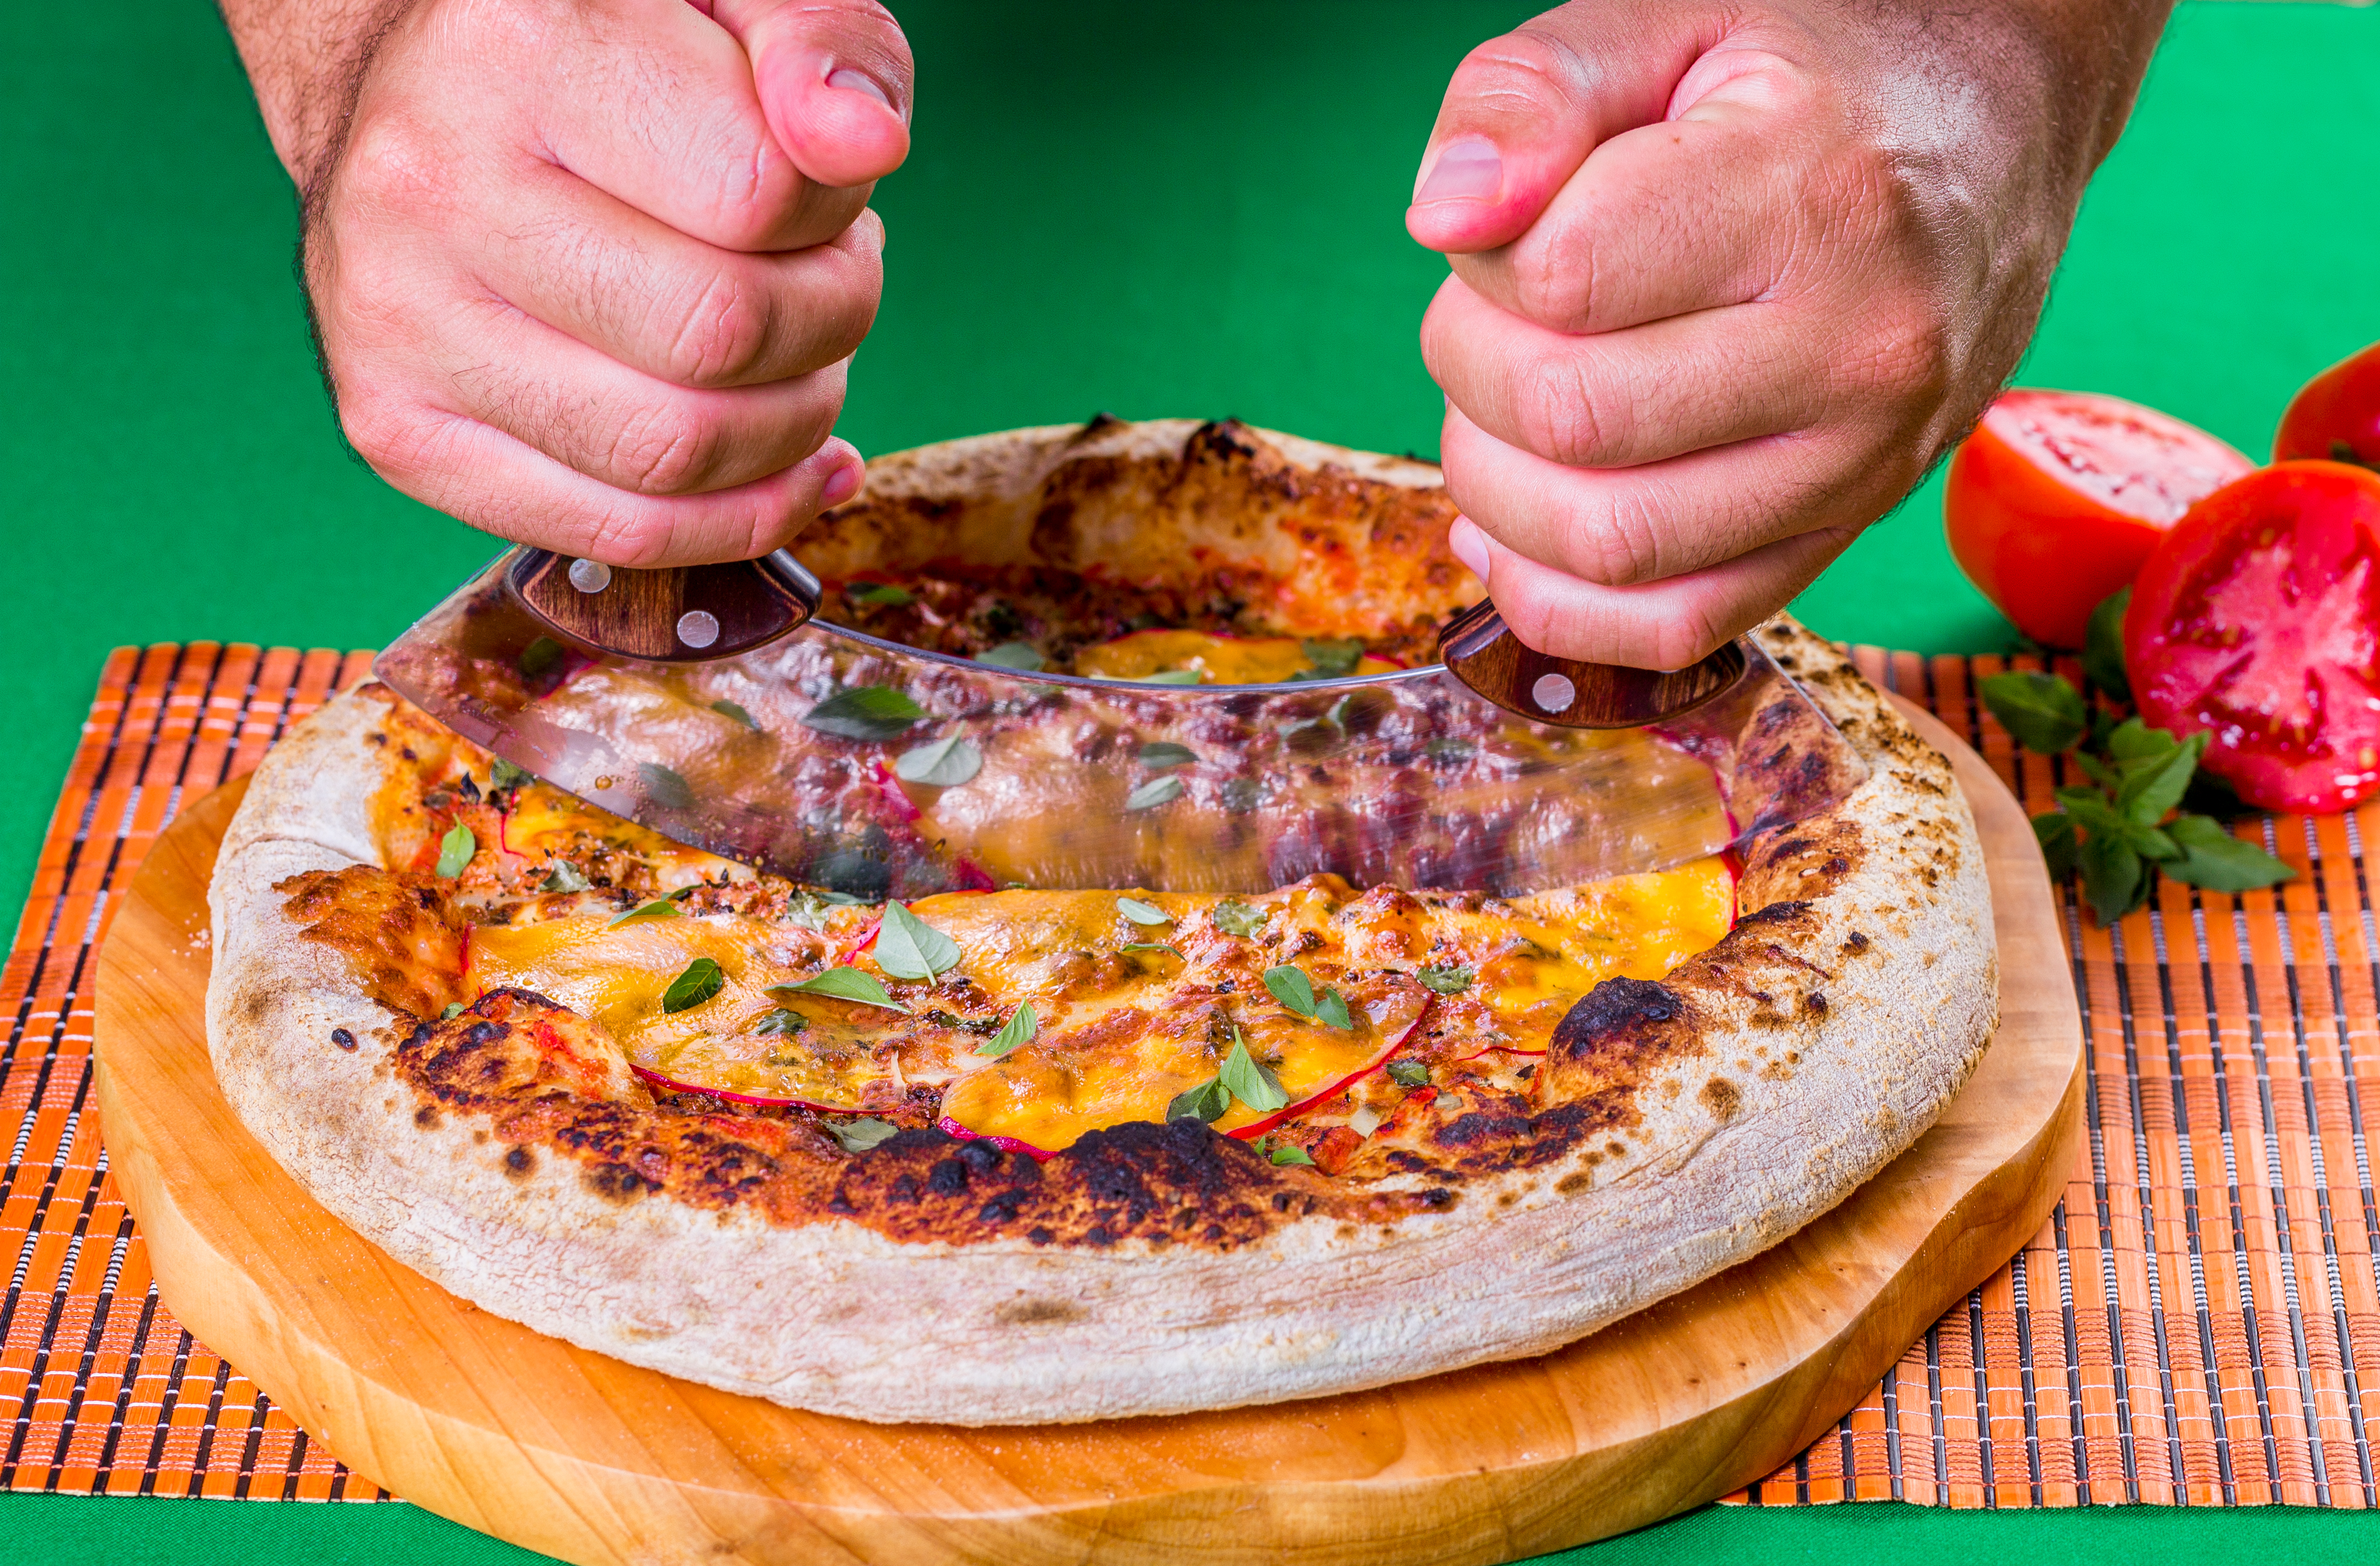 Ensaio Gastronômico em Recife